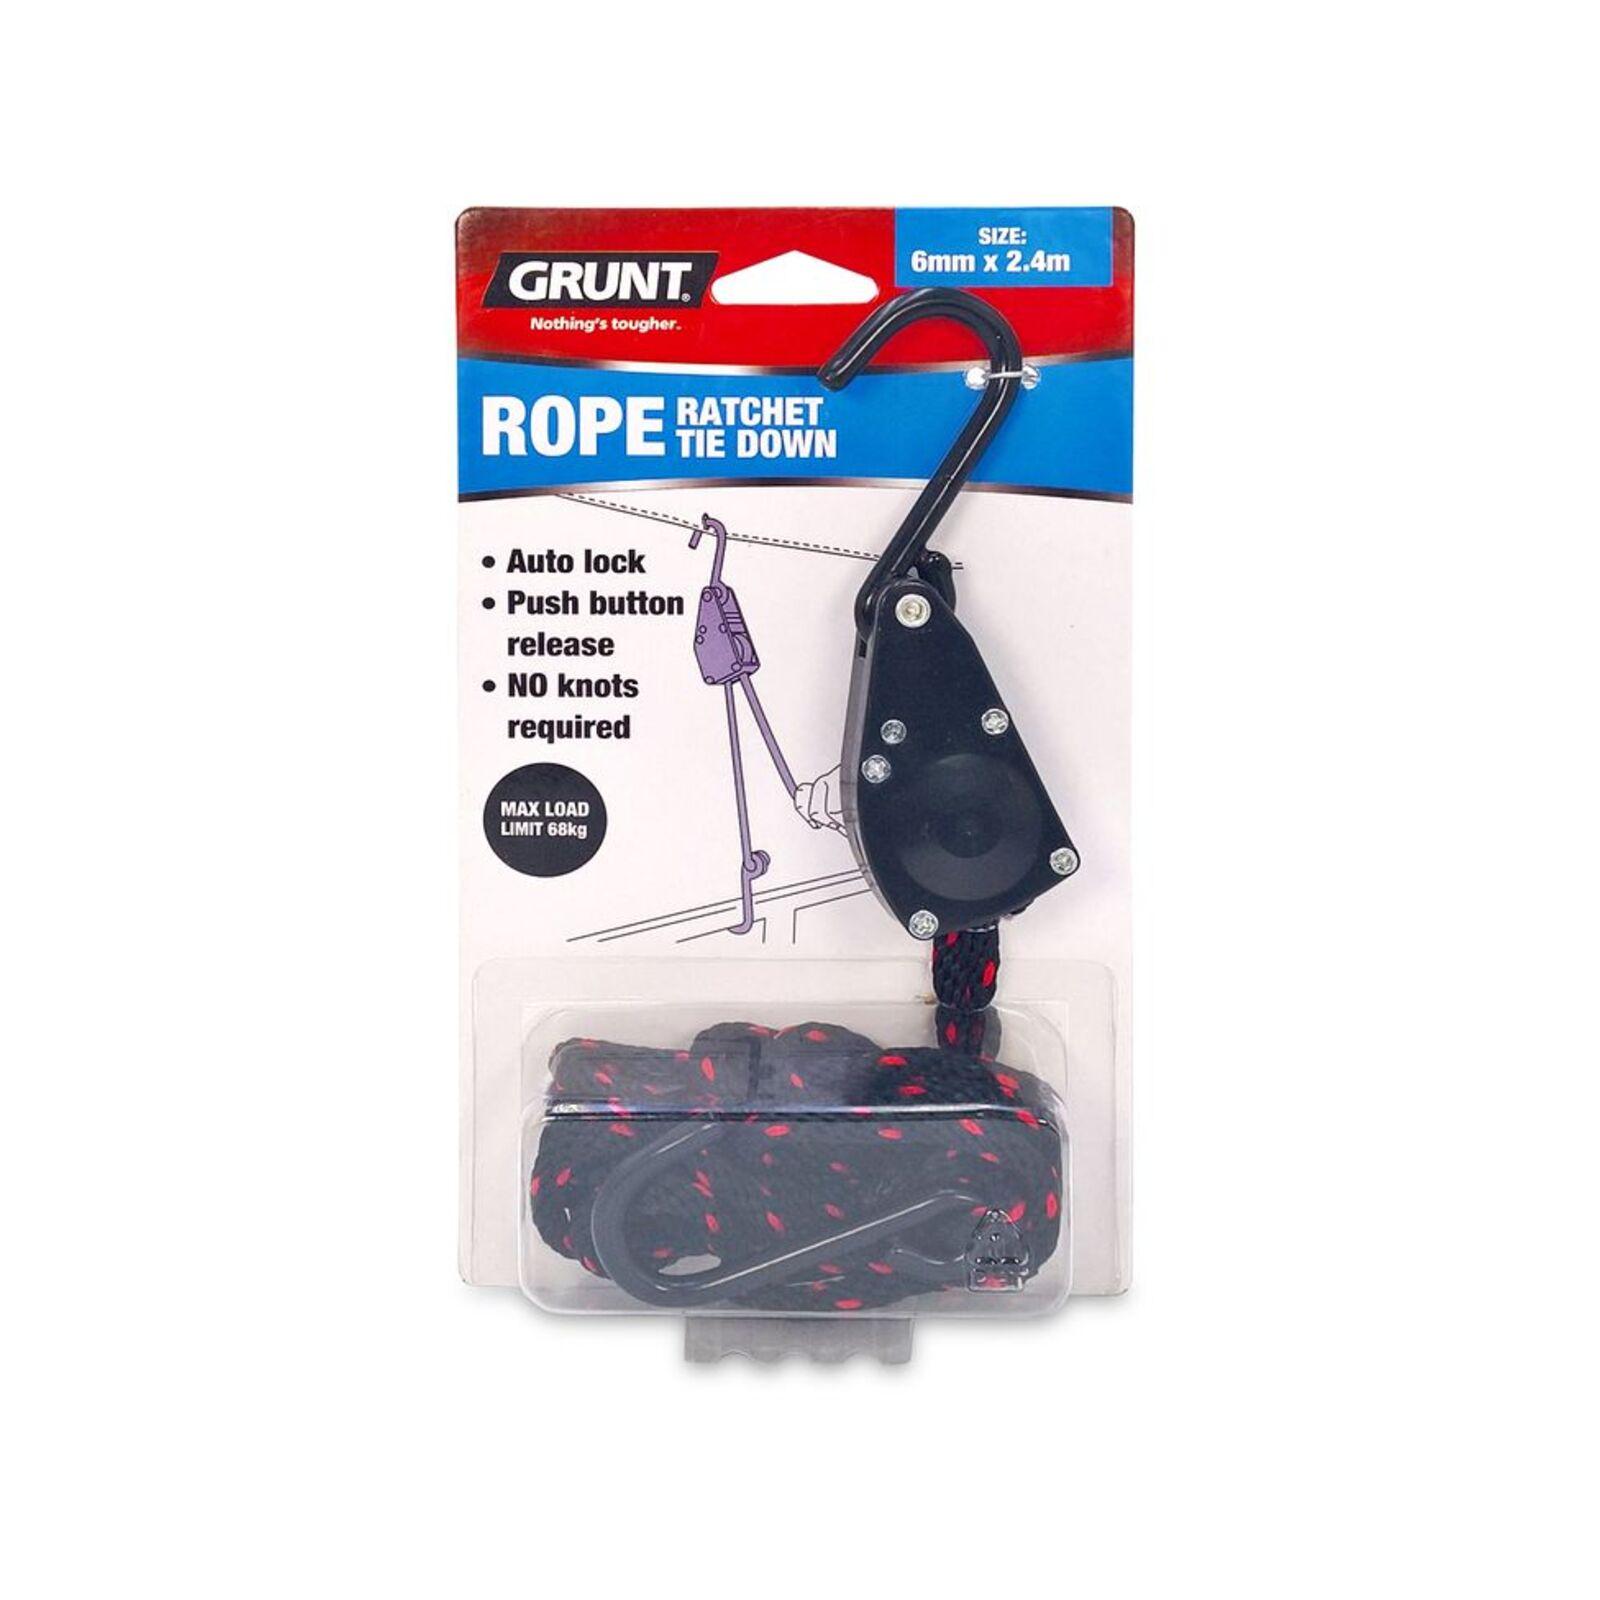 GRUNT 6mm x 2.4m Rope Ratchet Tie Down